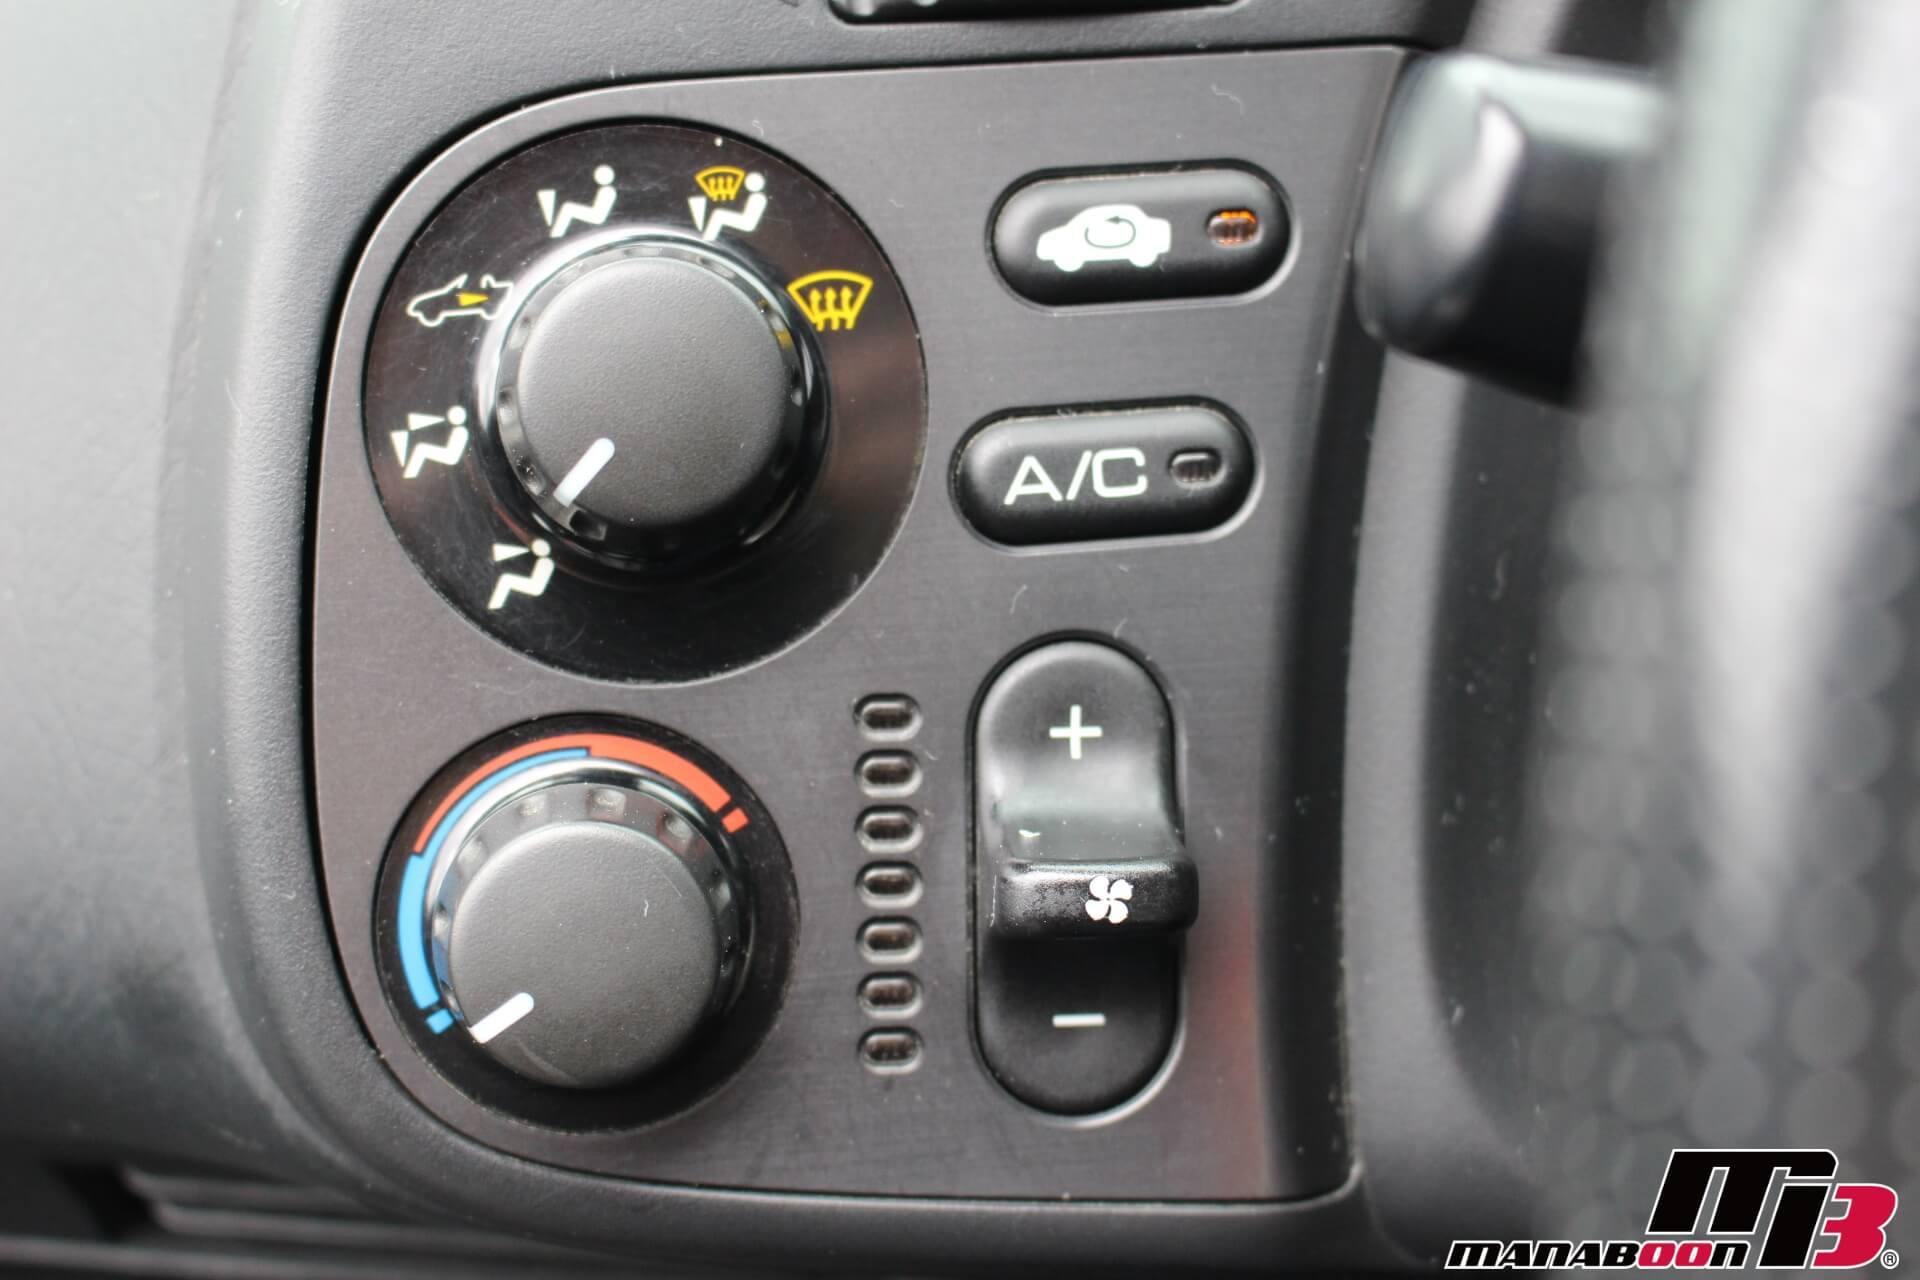 S2000エアコンパネルスイッチ画像